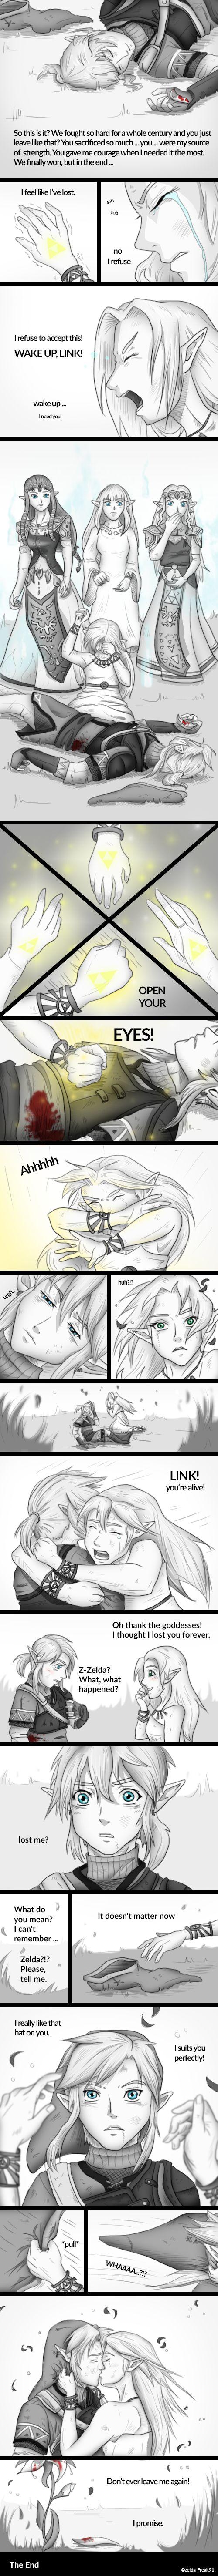 Zelda: In The End - 3 by zelda-Freak91